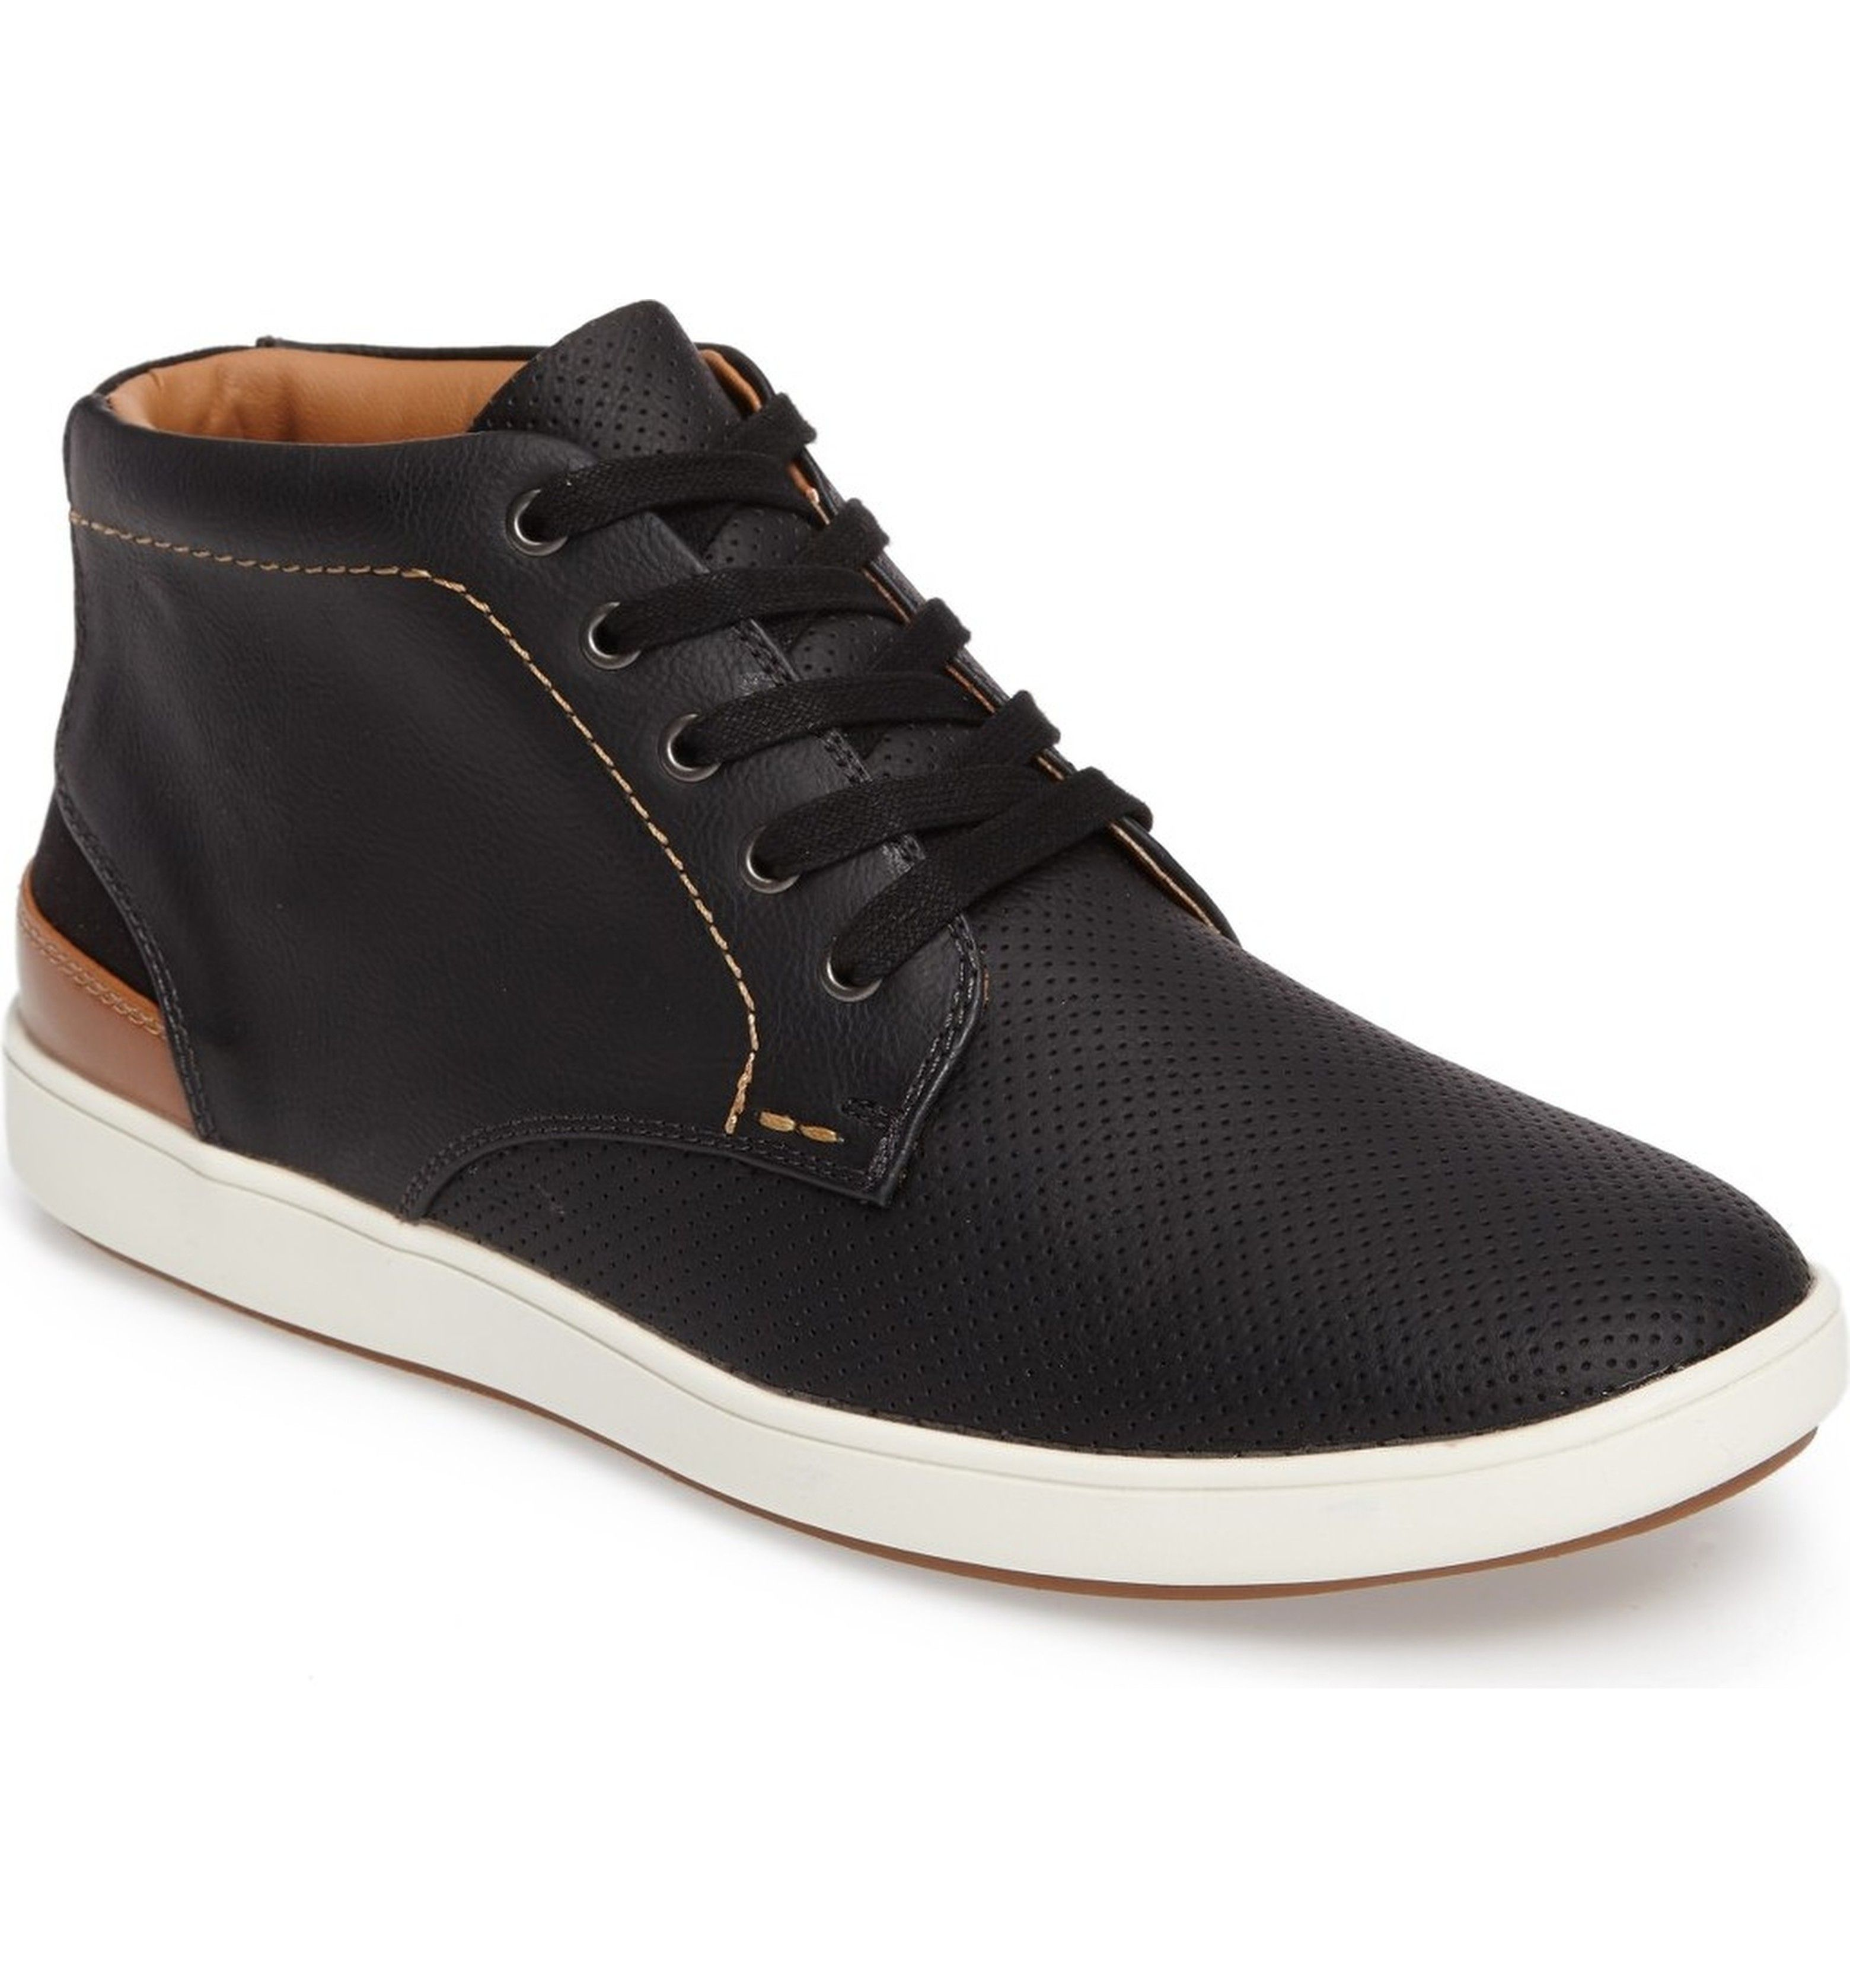 Steve Madden Fractal Chukka Sneaker - MEN - BLACK